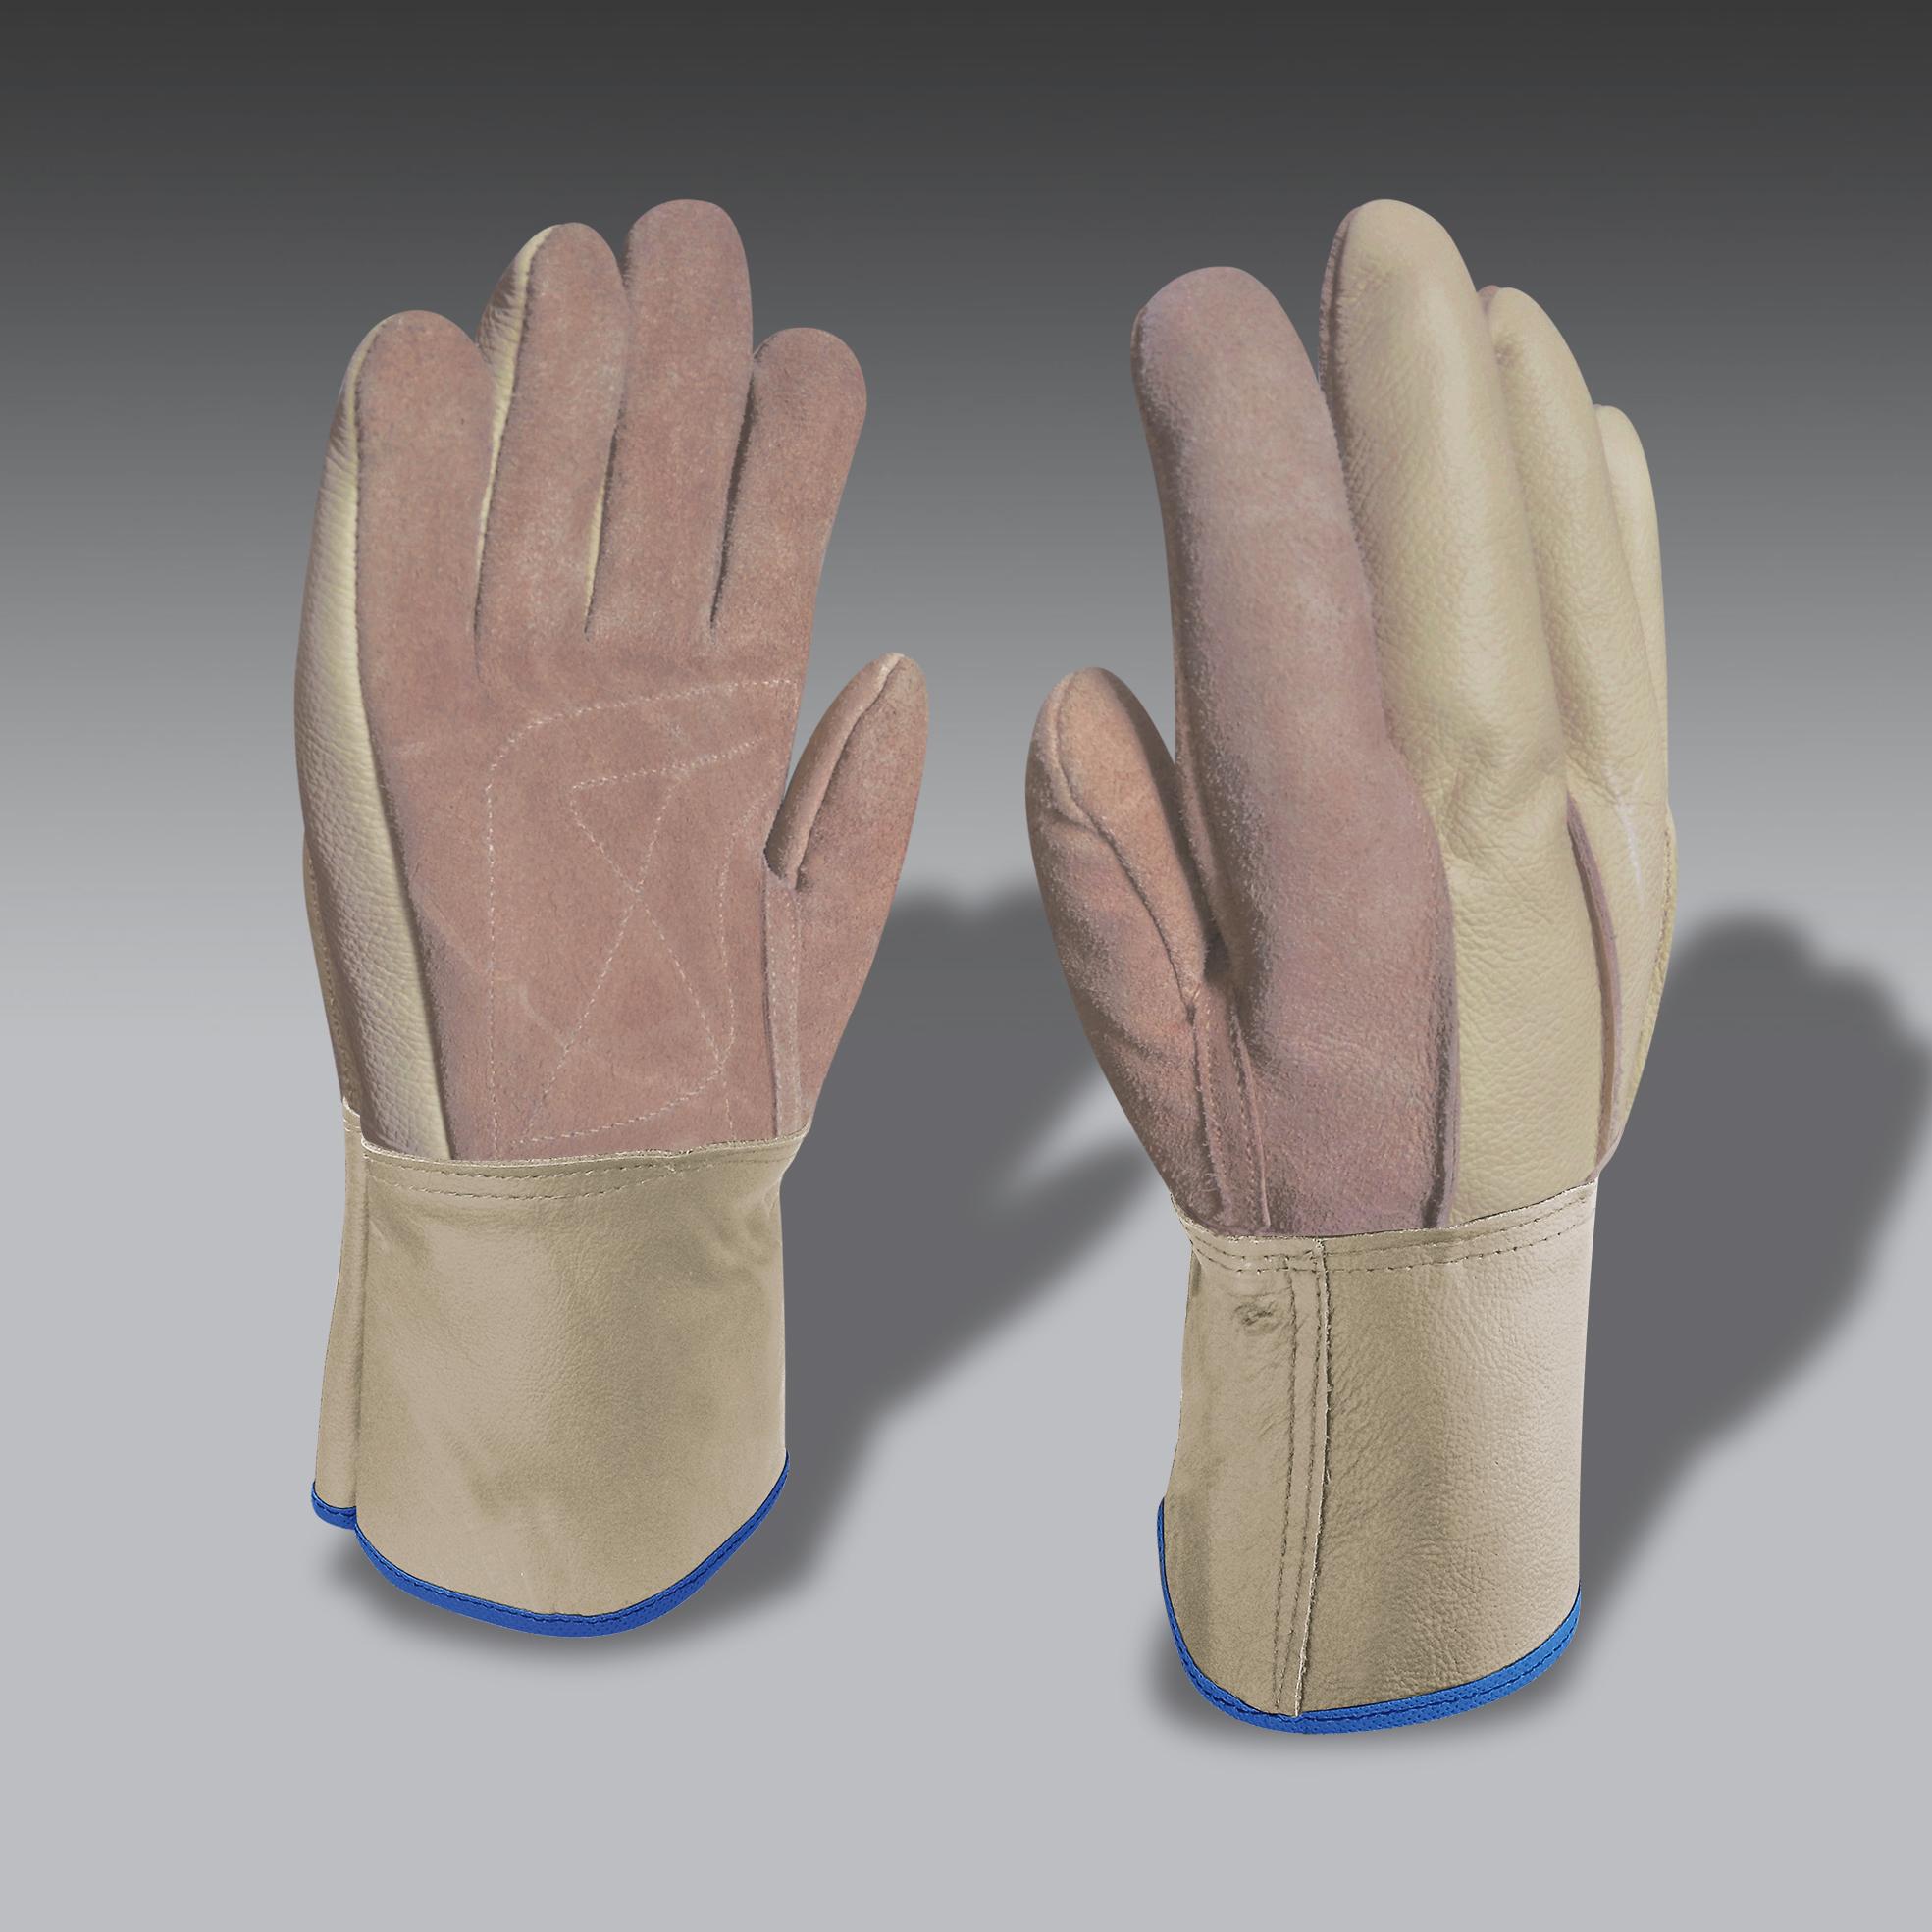 guantes para la seguridad industrial modelo CarEco 05 guantes de seguridad industrial modelo CarEco 05